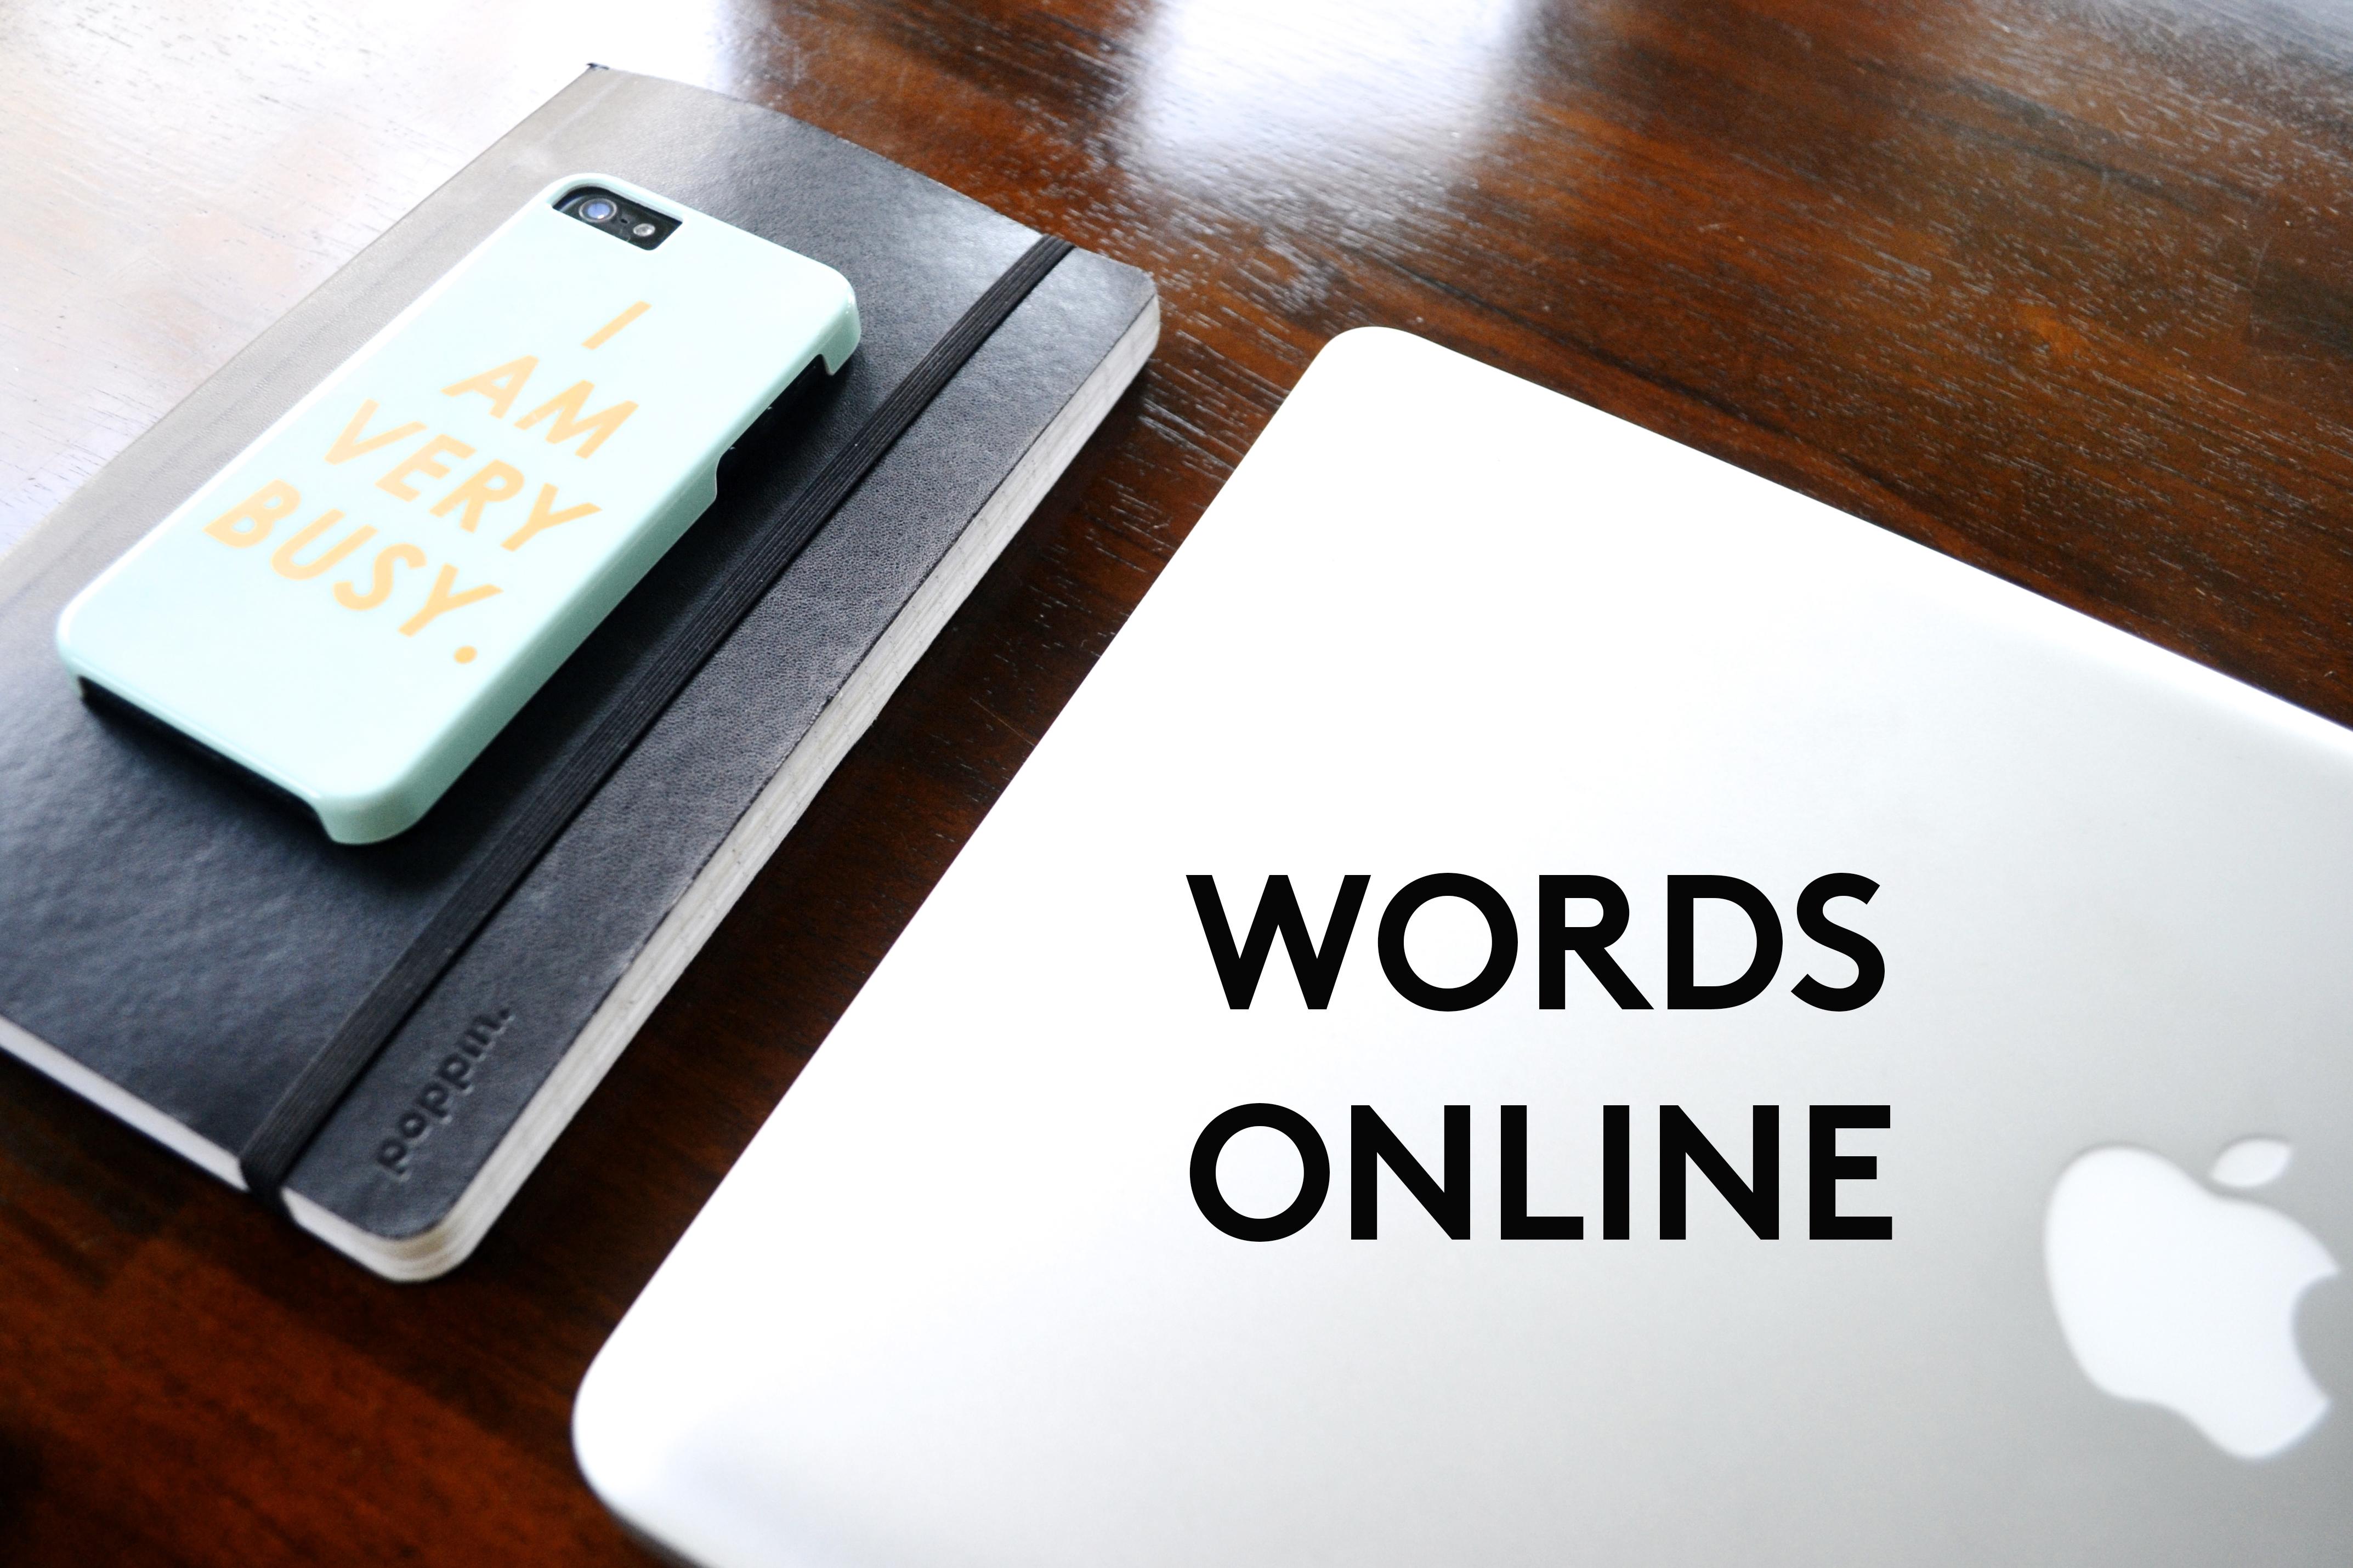 WORDS ONLINE.jpg